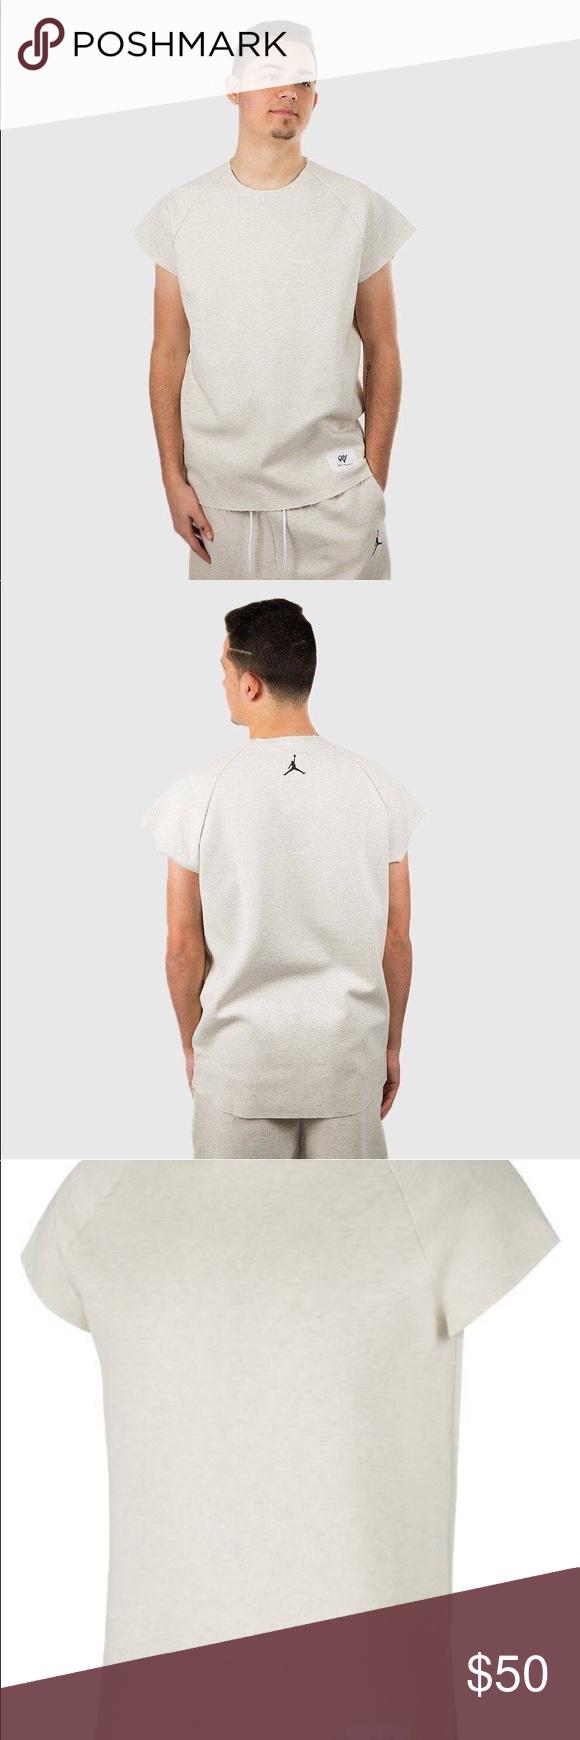 632f41f342b584 Nike Russell Westbrook Jordan Fleece Top Men s Jordan Sportswear x RW  Fleece Short-Sleeve Top